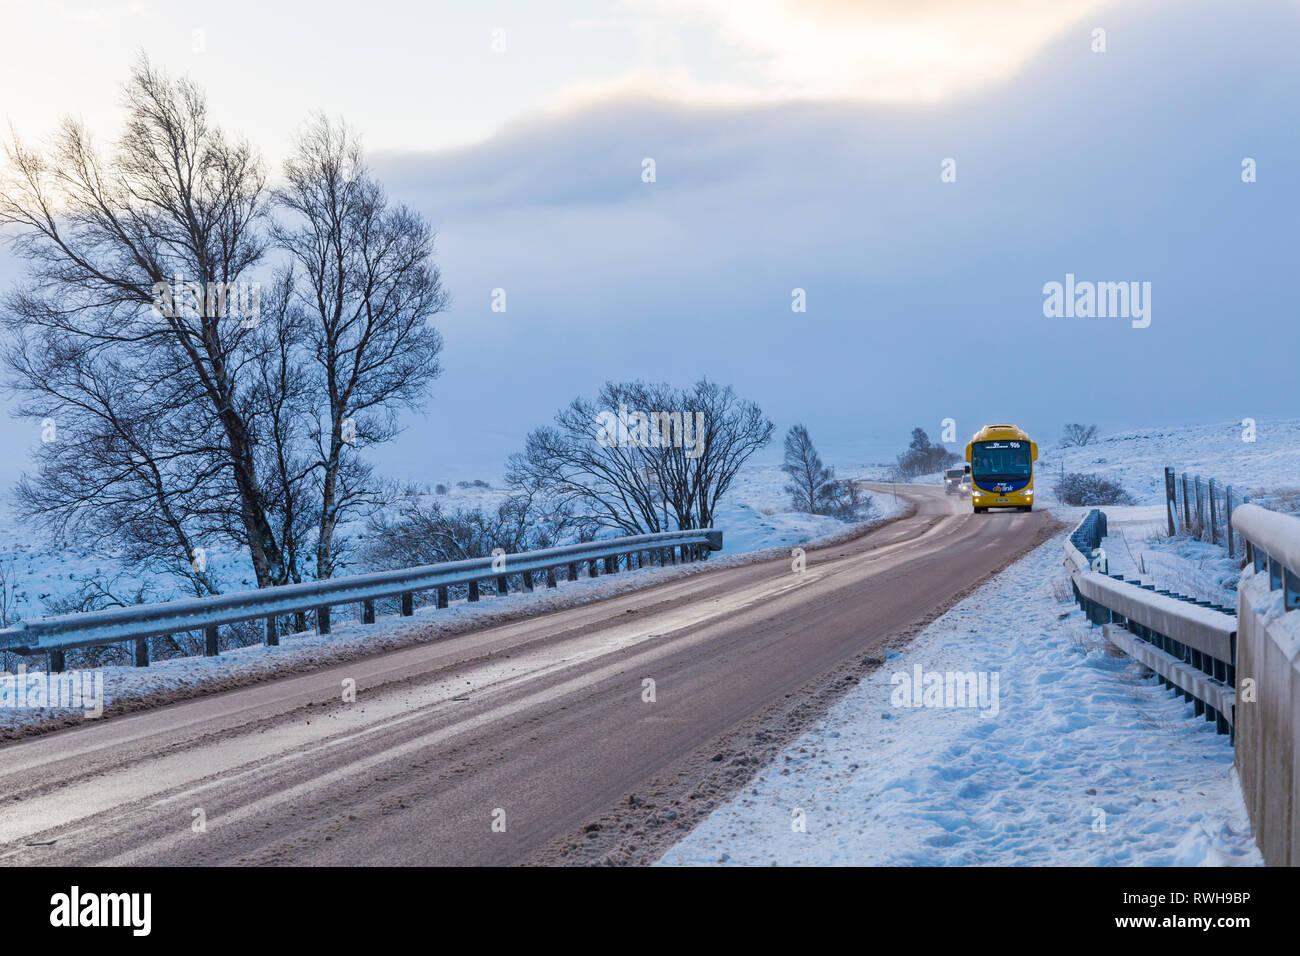 Scottish citylink irizar pullman 916 a Uig percorrendo una strada82 sul giorno di inverni con la neve intorno a Rannoch Moor, altopiani, Scozia in inverno Foto Stock